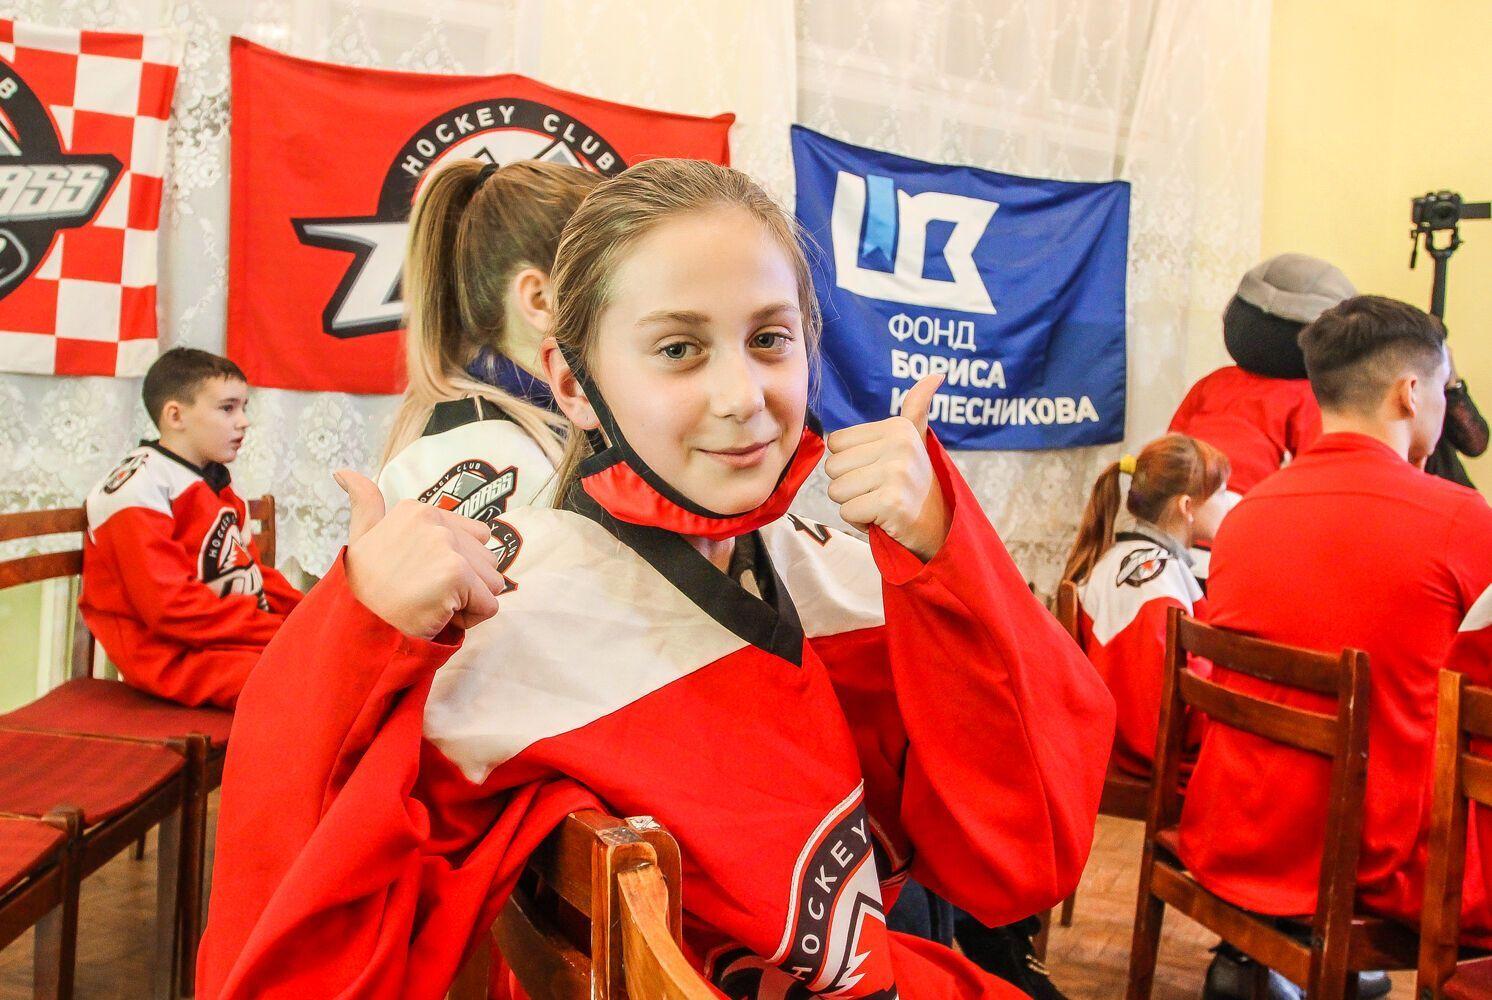 Проект стимулирует молодых, активных, инициативных людей интересоваться хоккеем и футболом